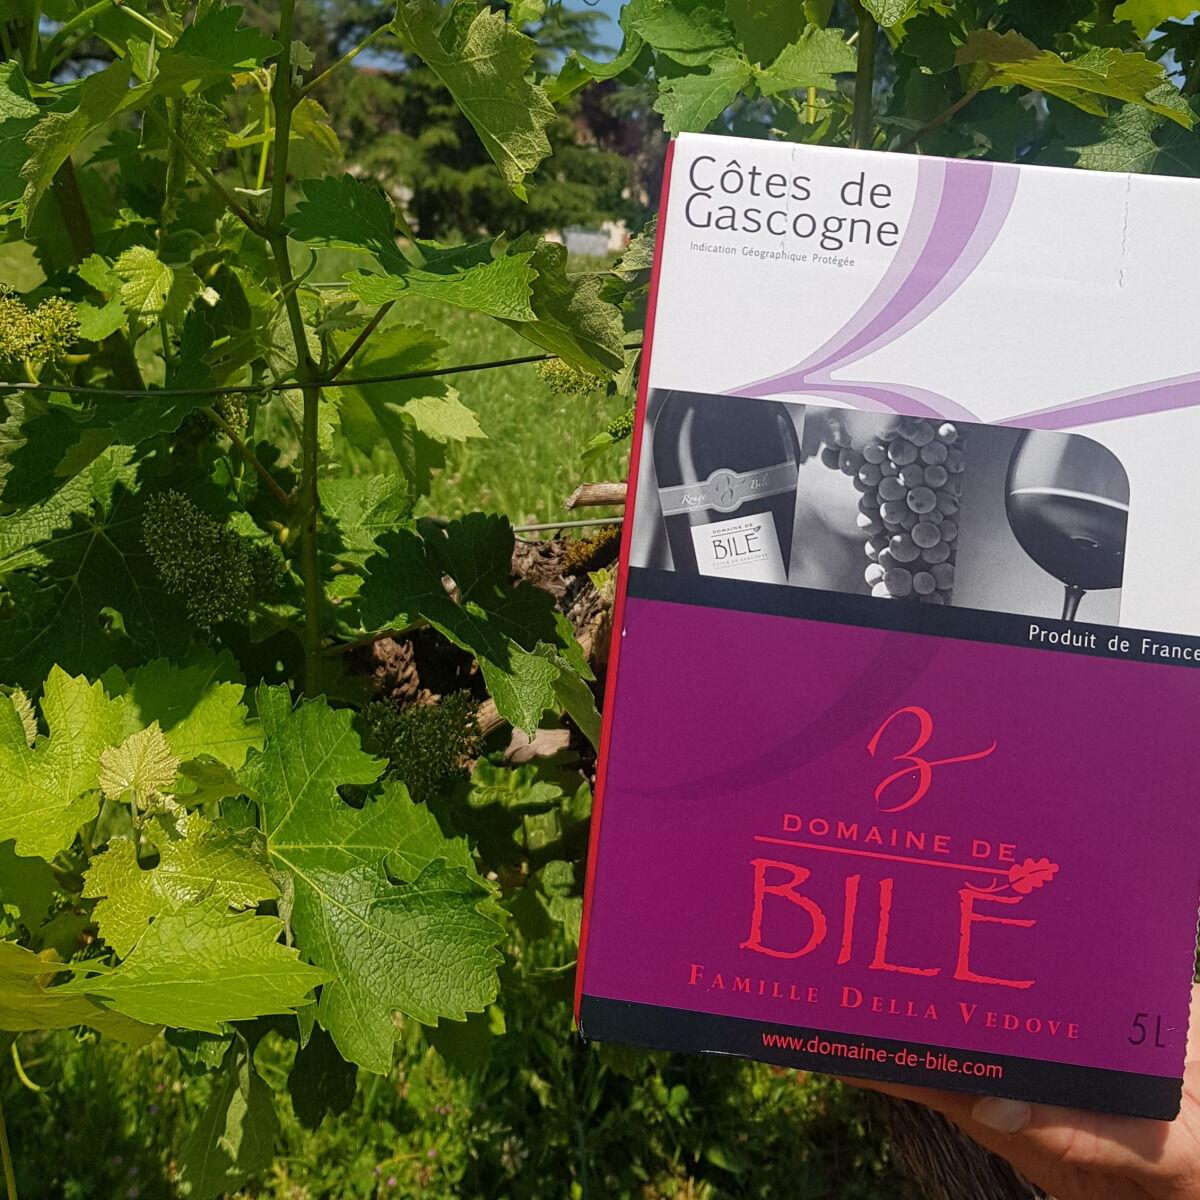 Domaine de Bilé Fontaine à Vin BIB Rouge Non Boisé IGP Cotes de Gascogne 5 Litres